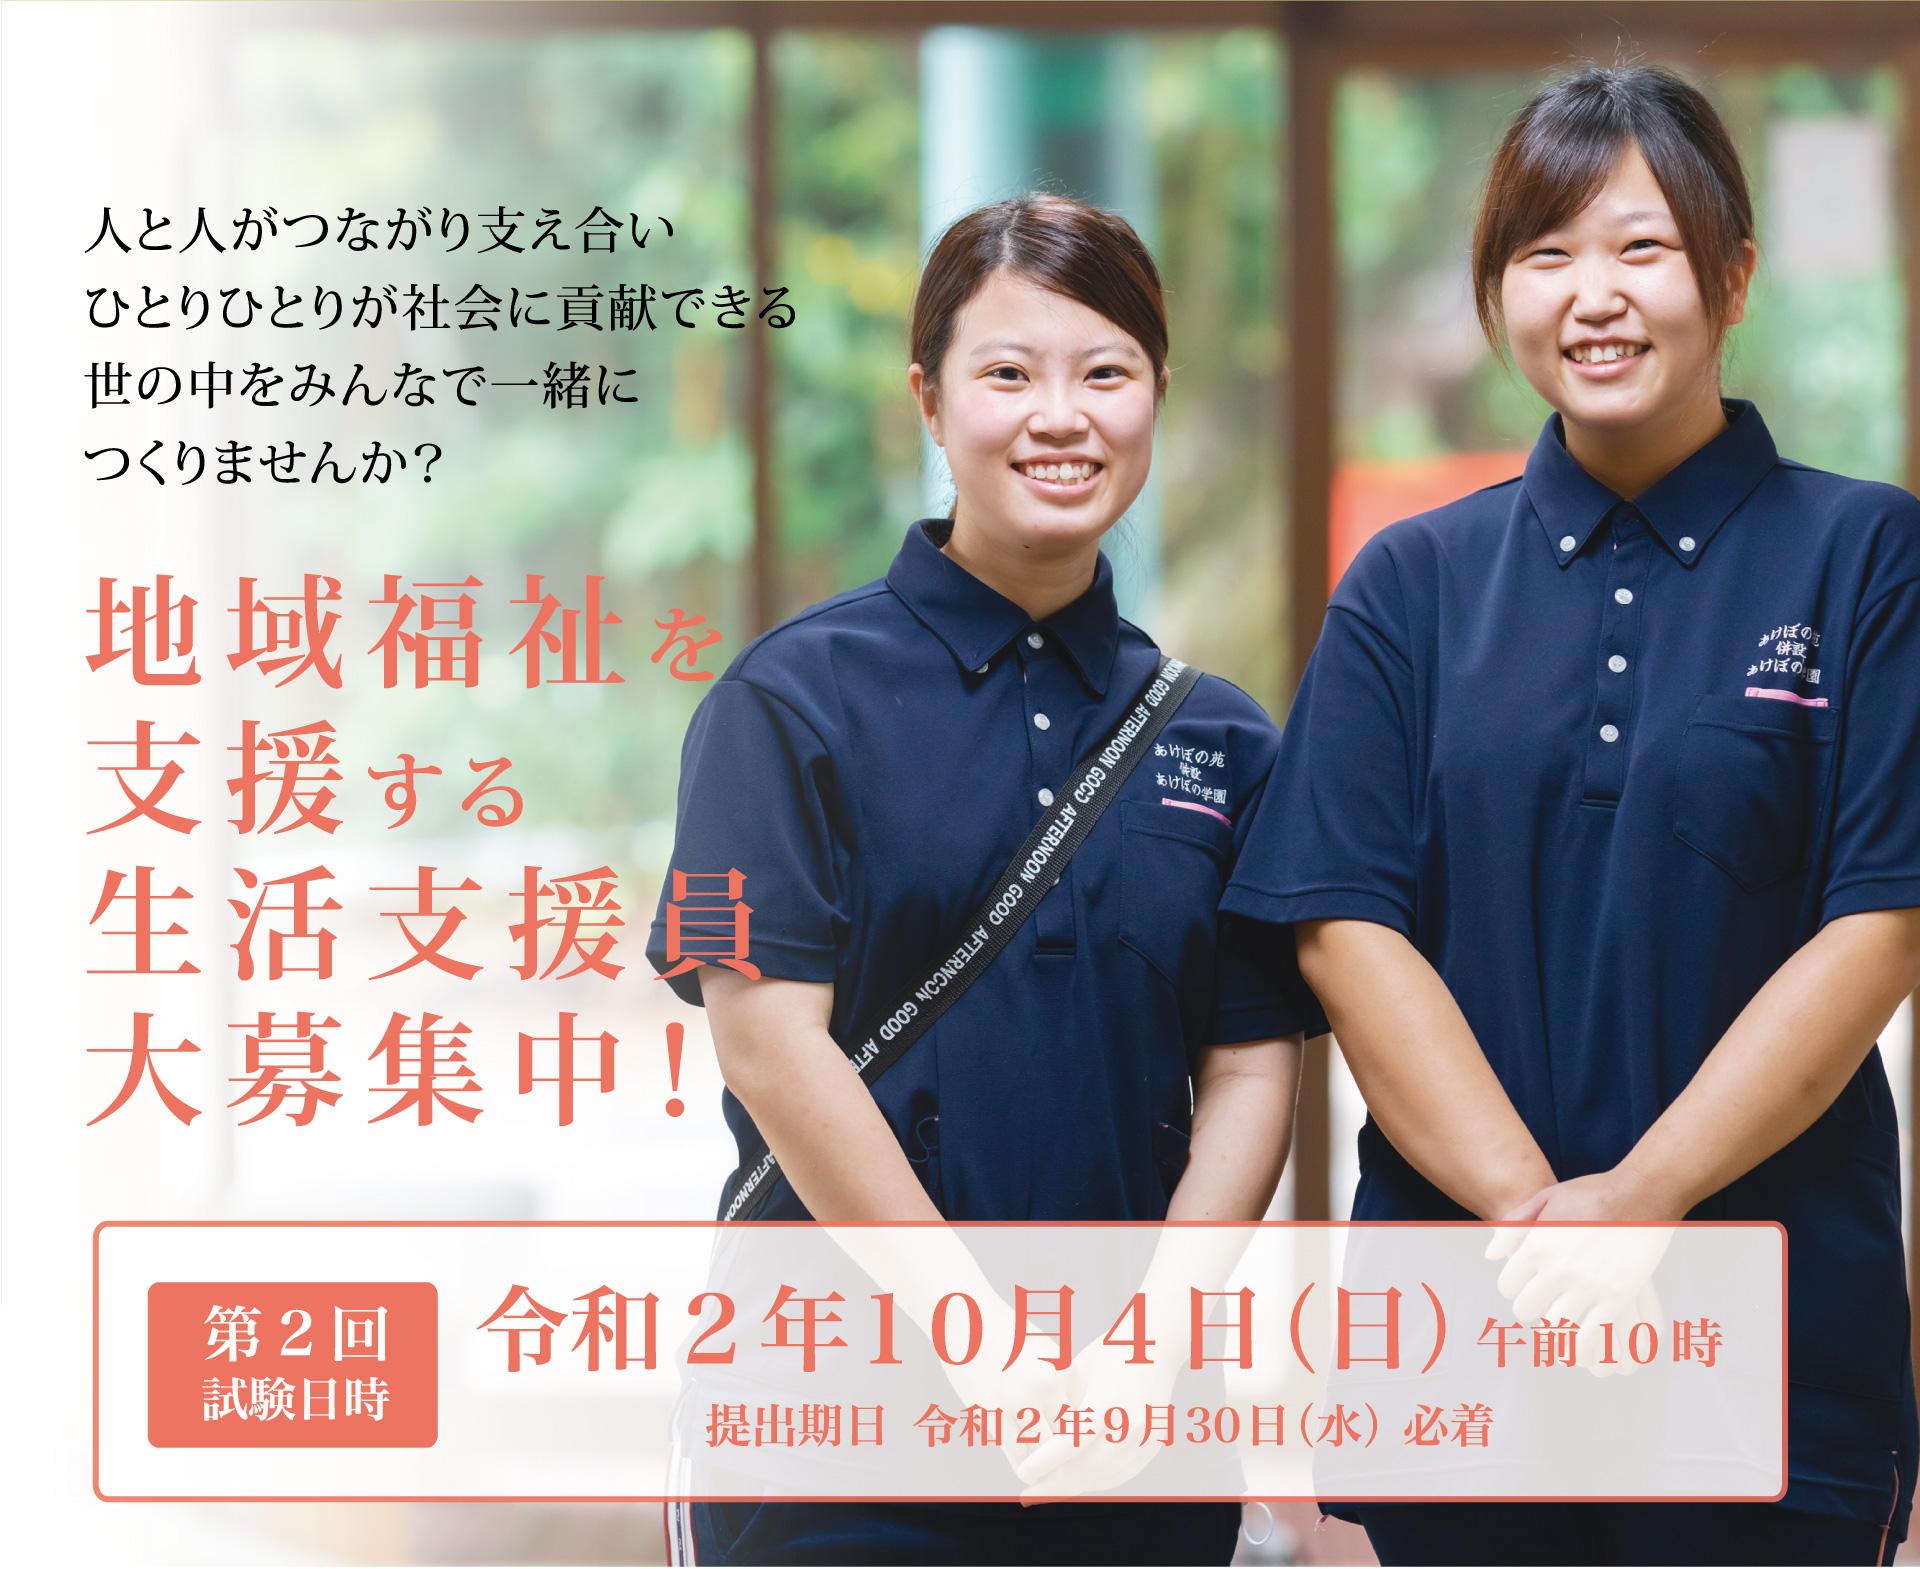 福岡県大牟田市にある社会福祉法人あけぼの会では地域福祉を支援する生活支援員を募集します。